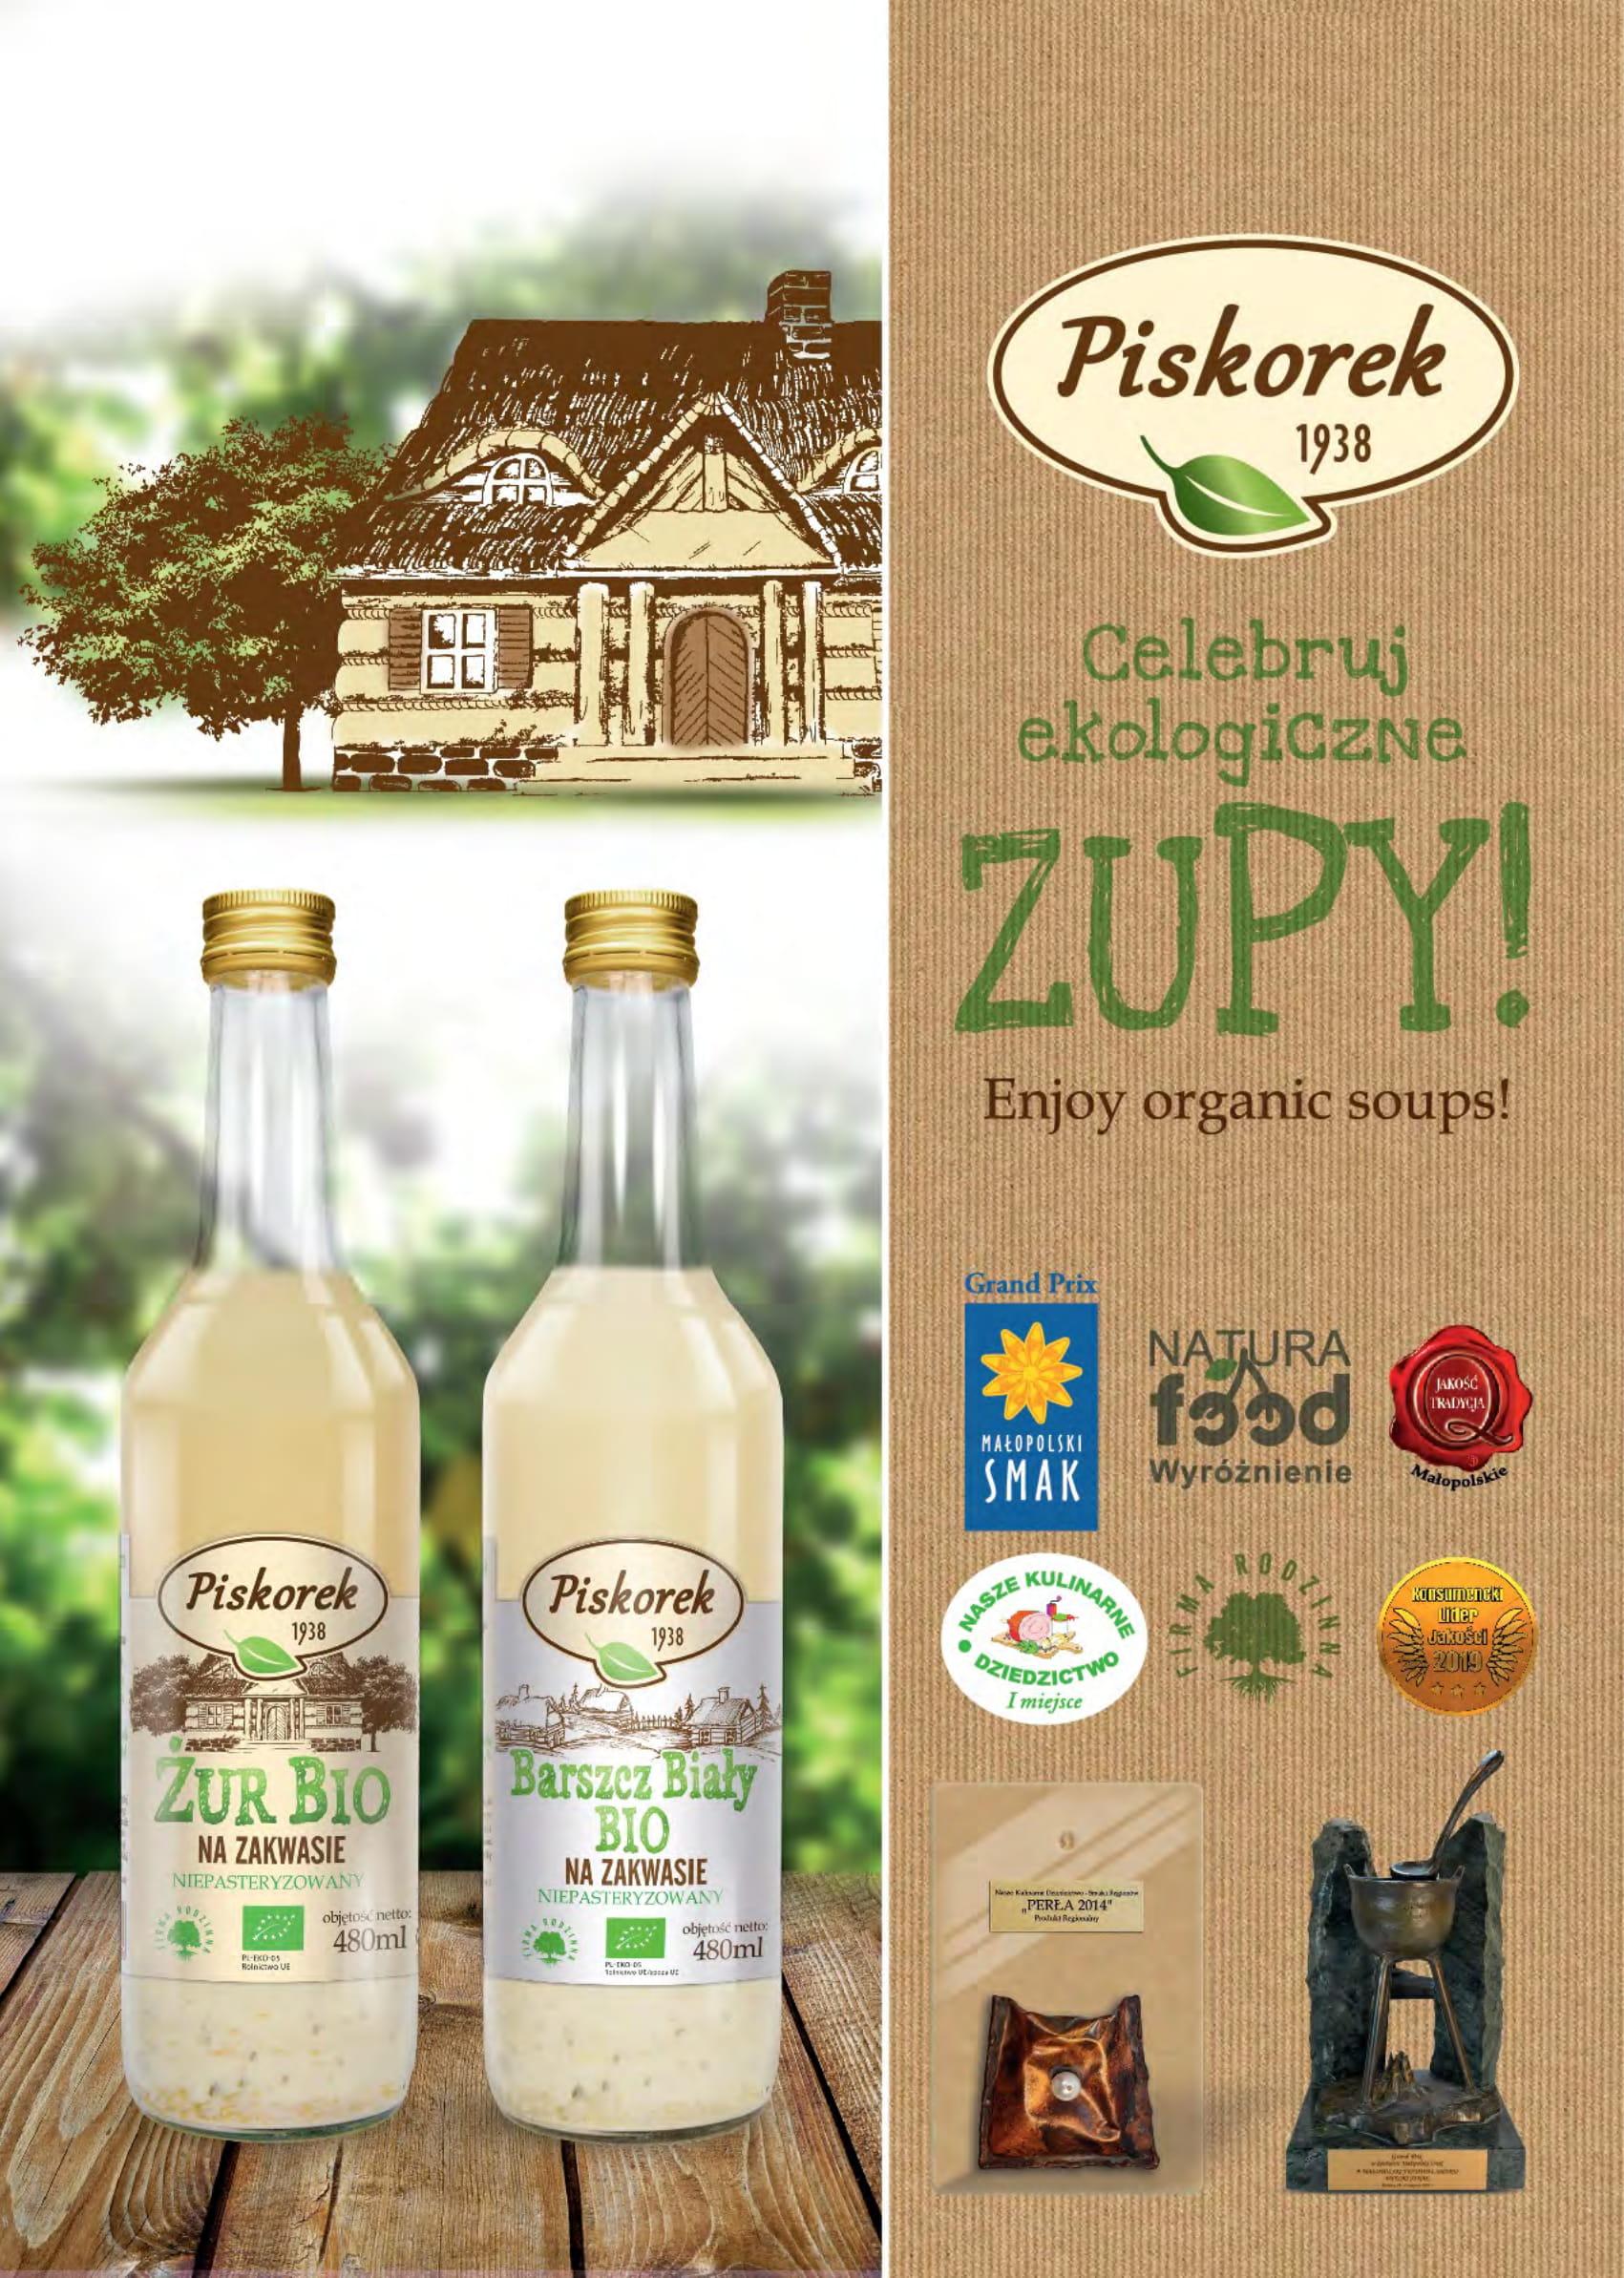 BIO produkty będą królować na tegorocznym Salonie Produktów Ekologicznych ECO-STYLE w Targach Kielce